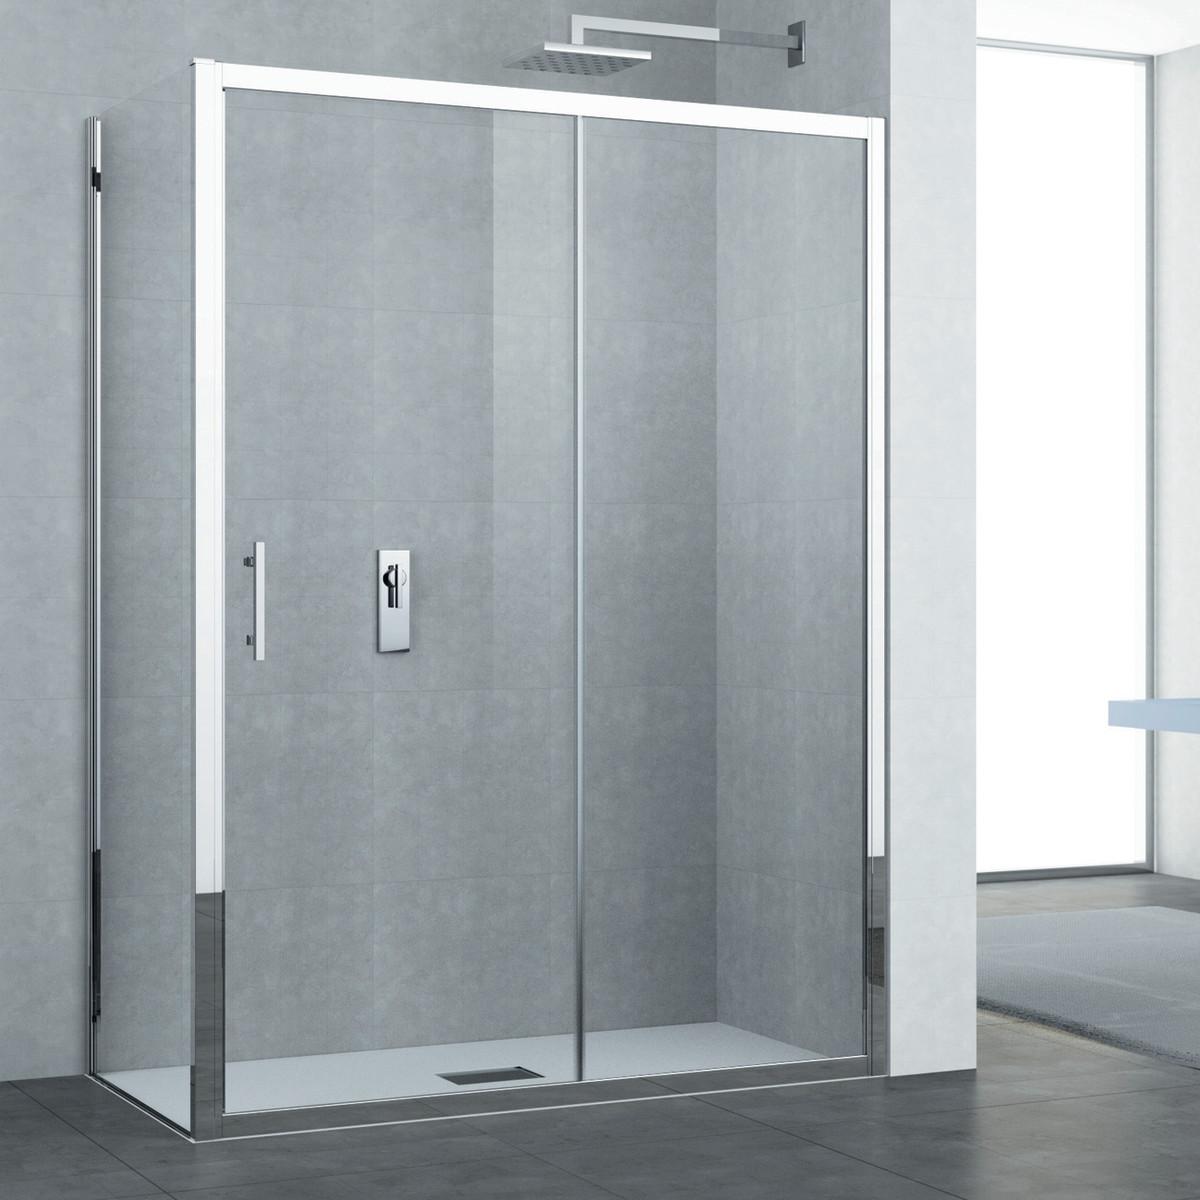 Chiusura doccia scorrevole diamond 8mm trasparente 100 - Chiusura doccia scorrevole ...